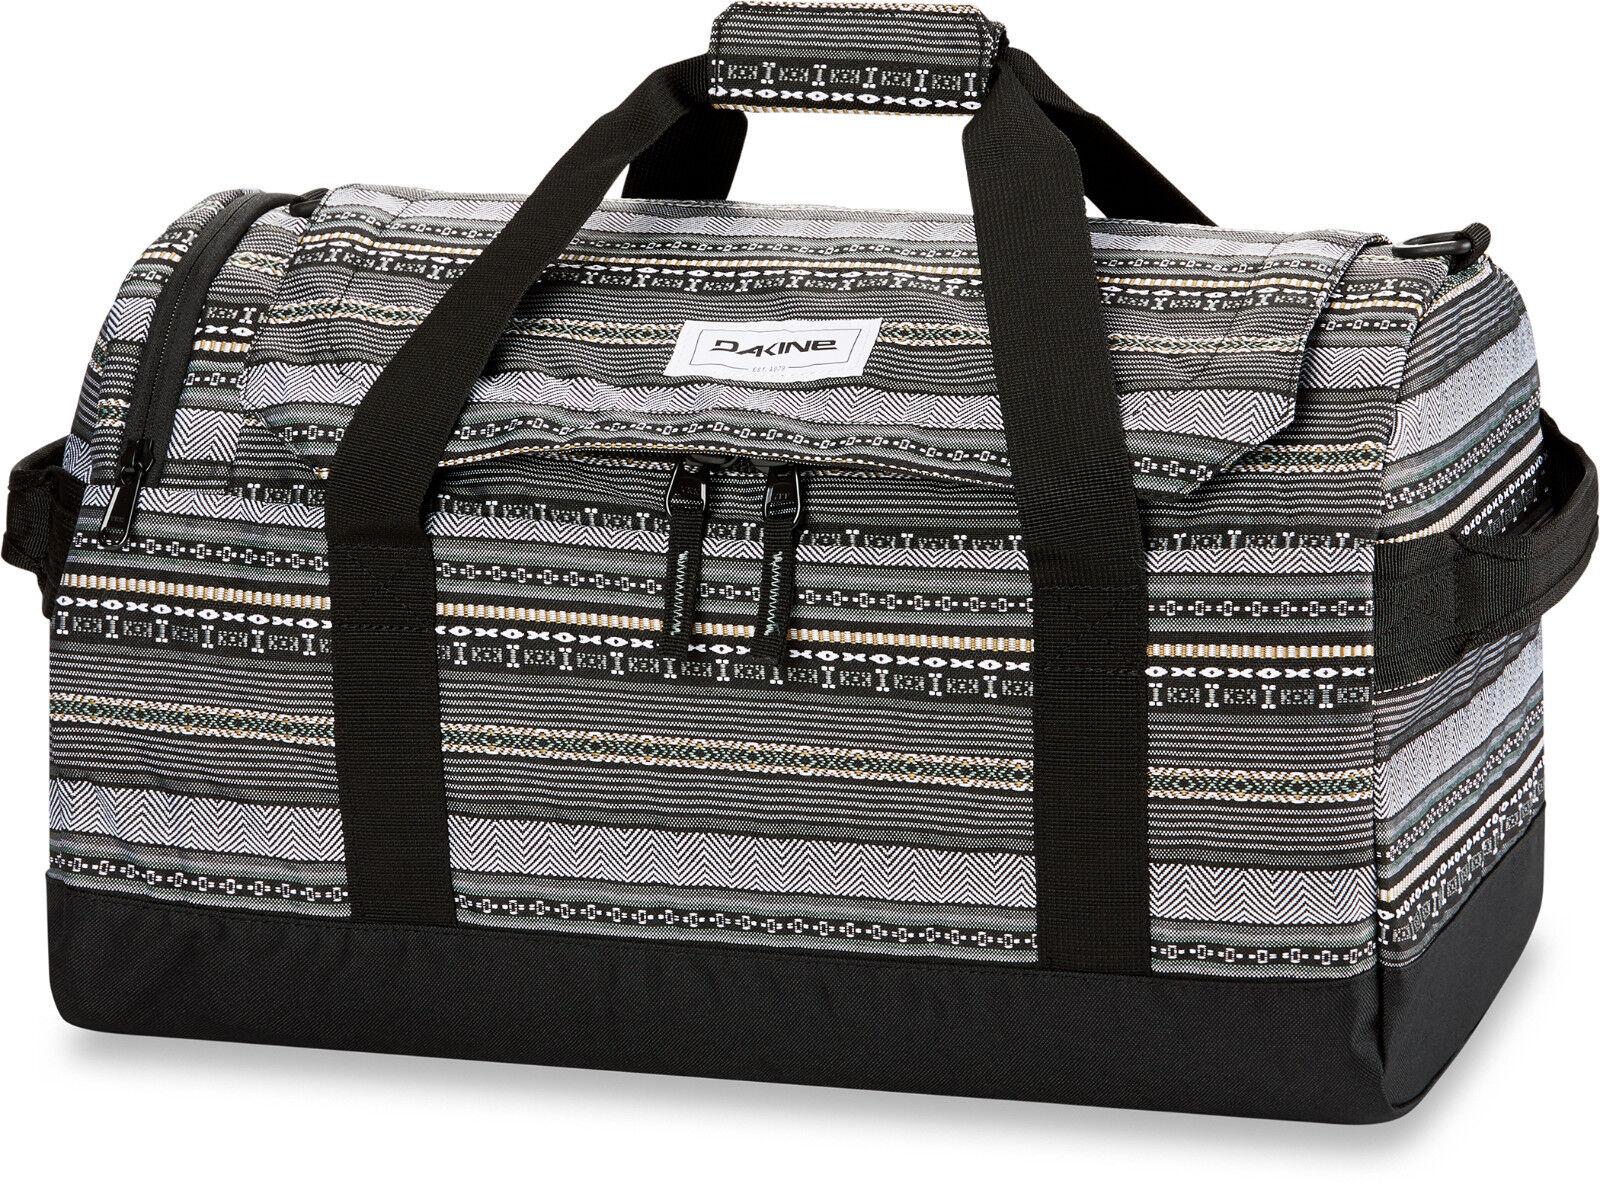 DAKINE EQ DUFFLE 35L BAG Sporttasche Reisetasche 35 Liter Zion Neu